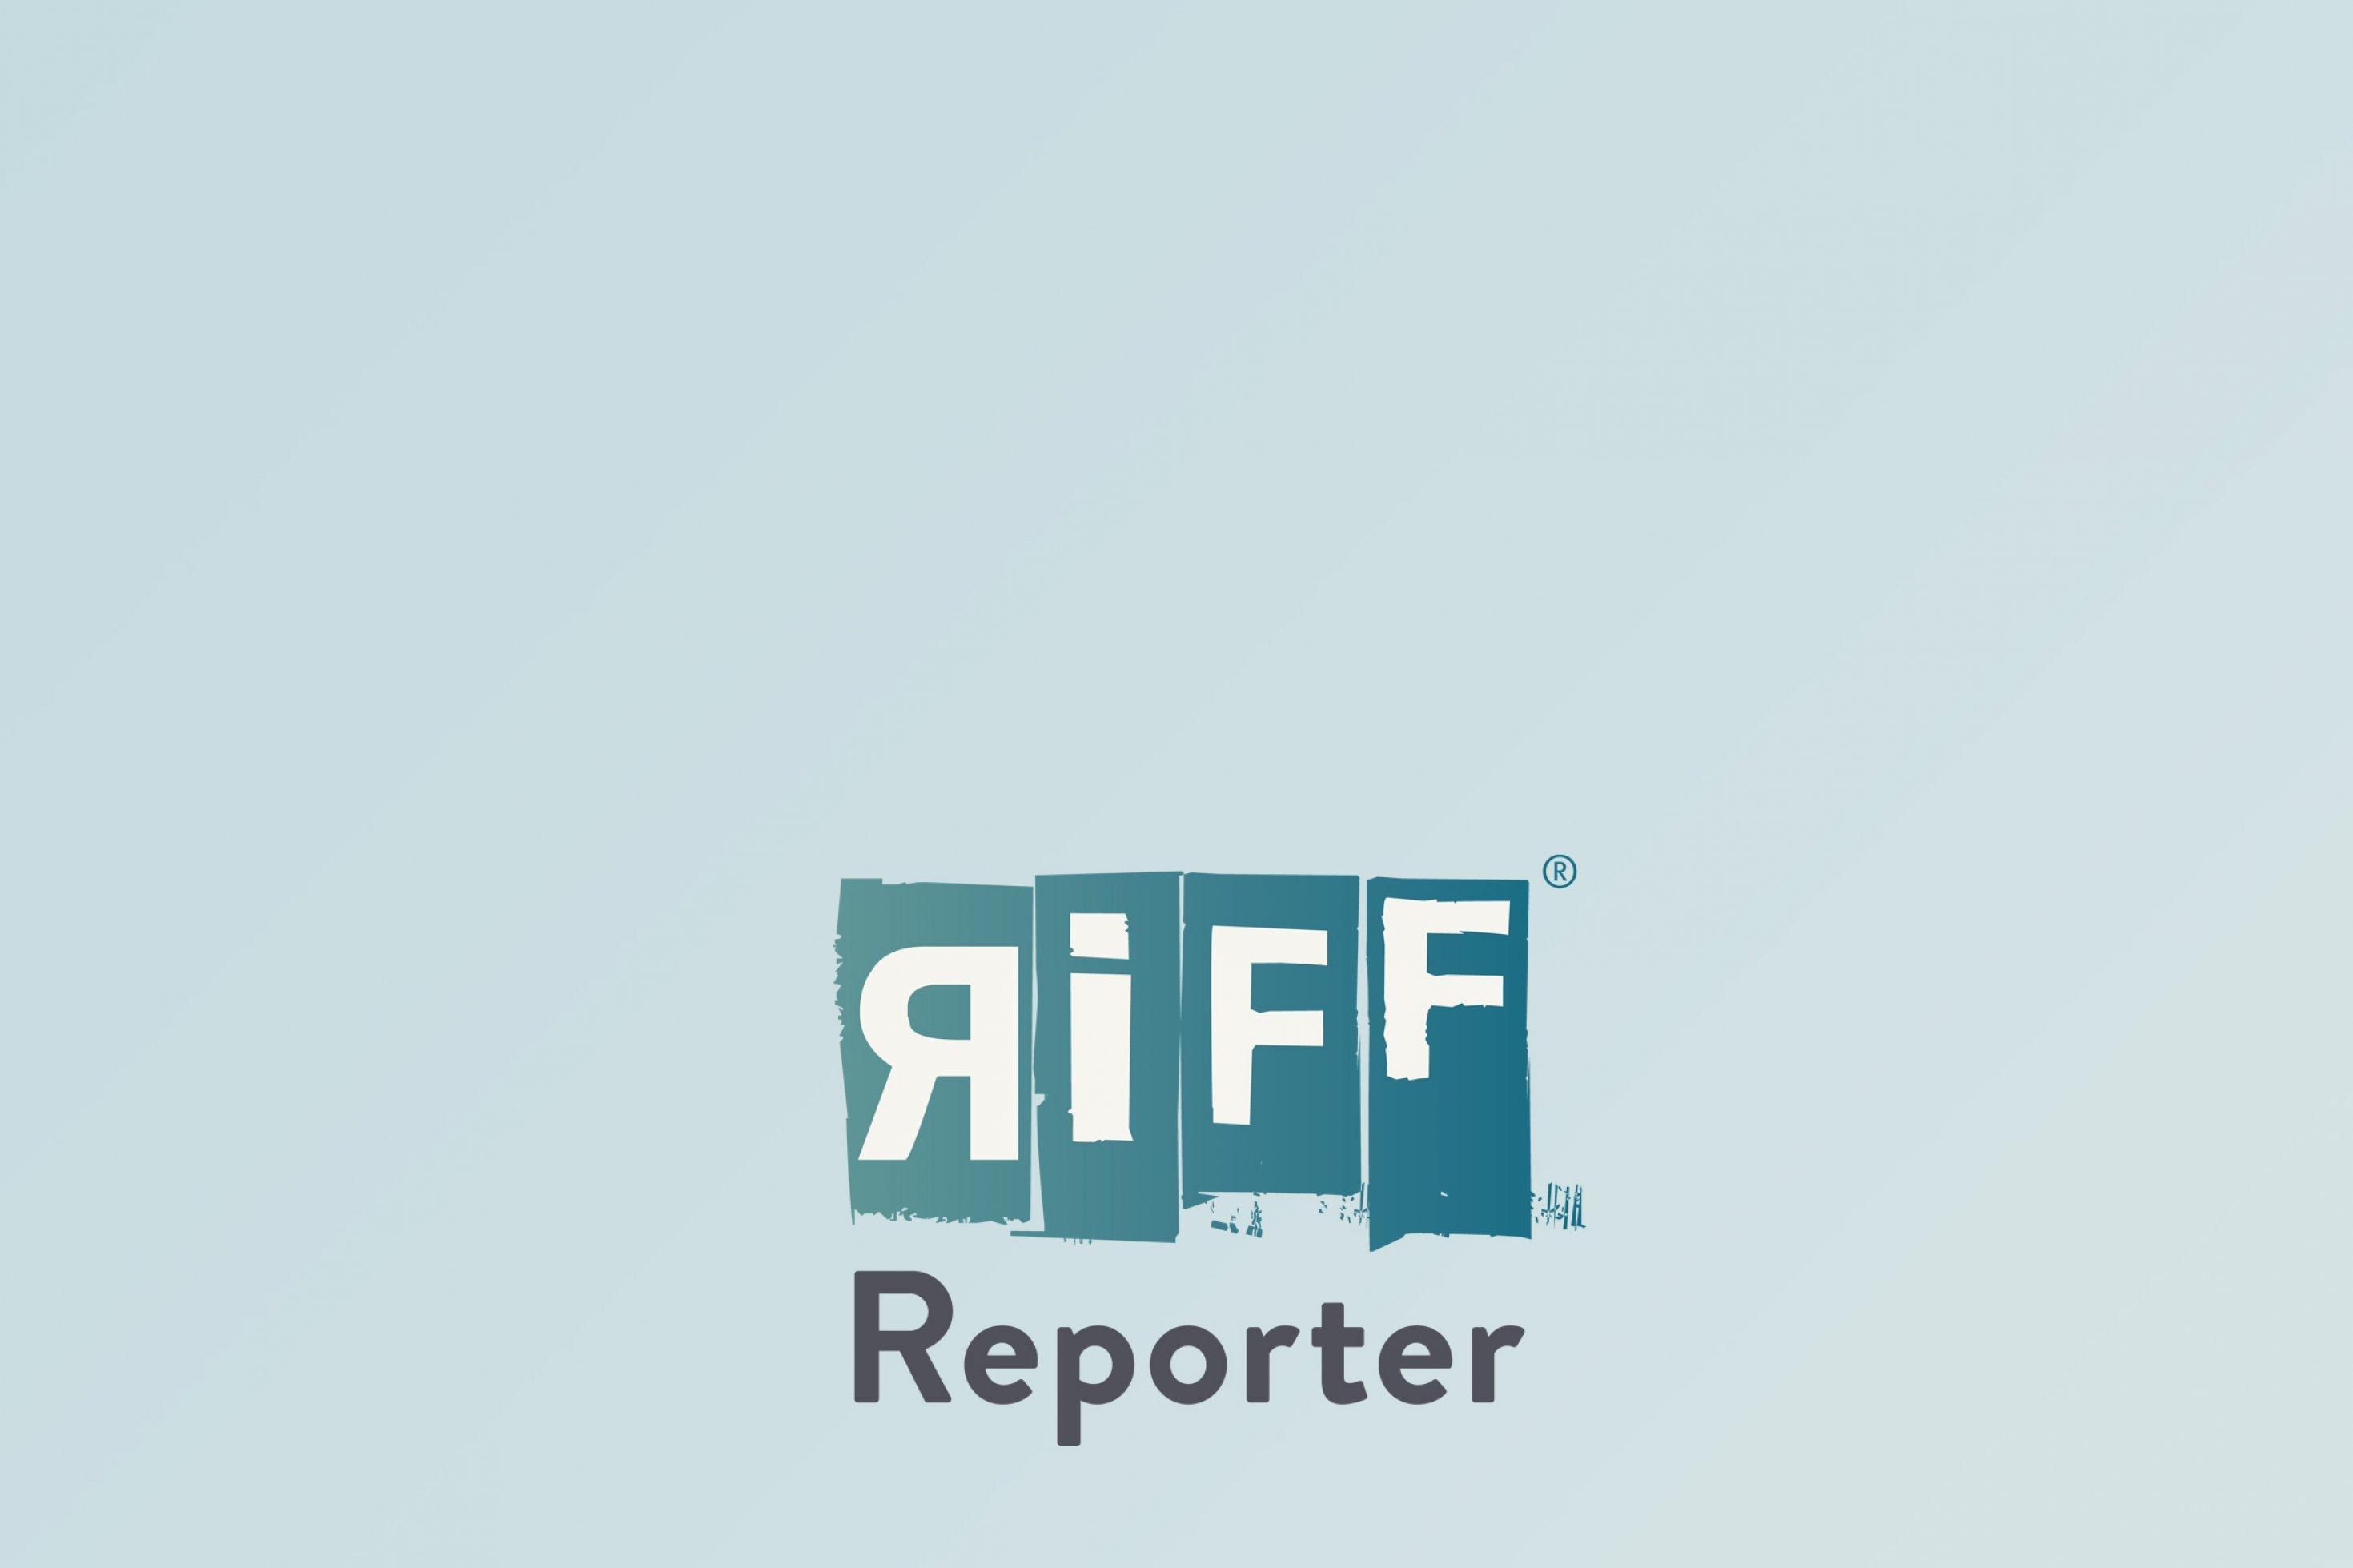 Gesichter von Armin Laschet, Olaf Scholz und Annalena Baerbock im Warhol-Stil.